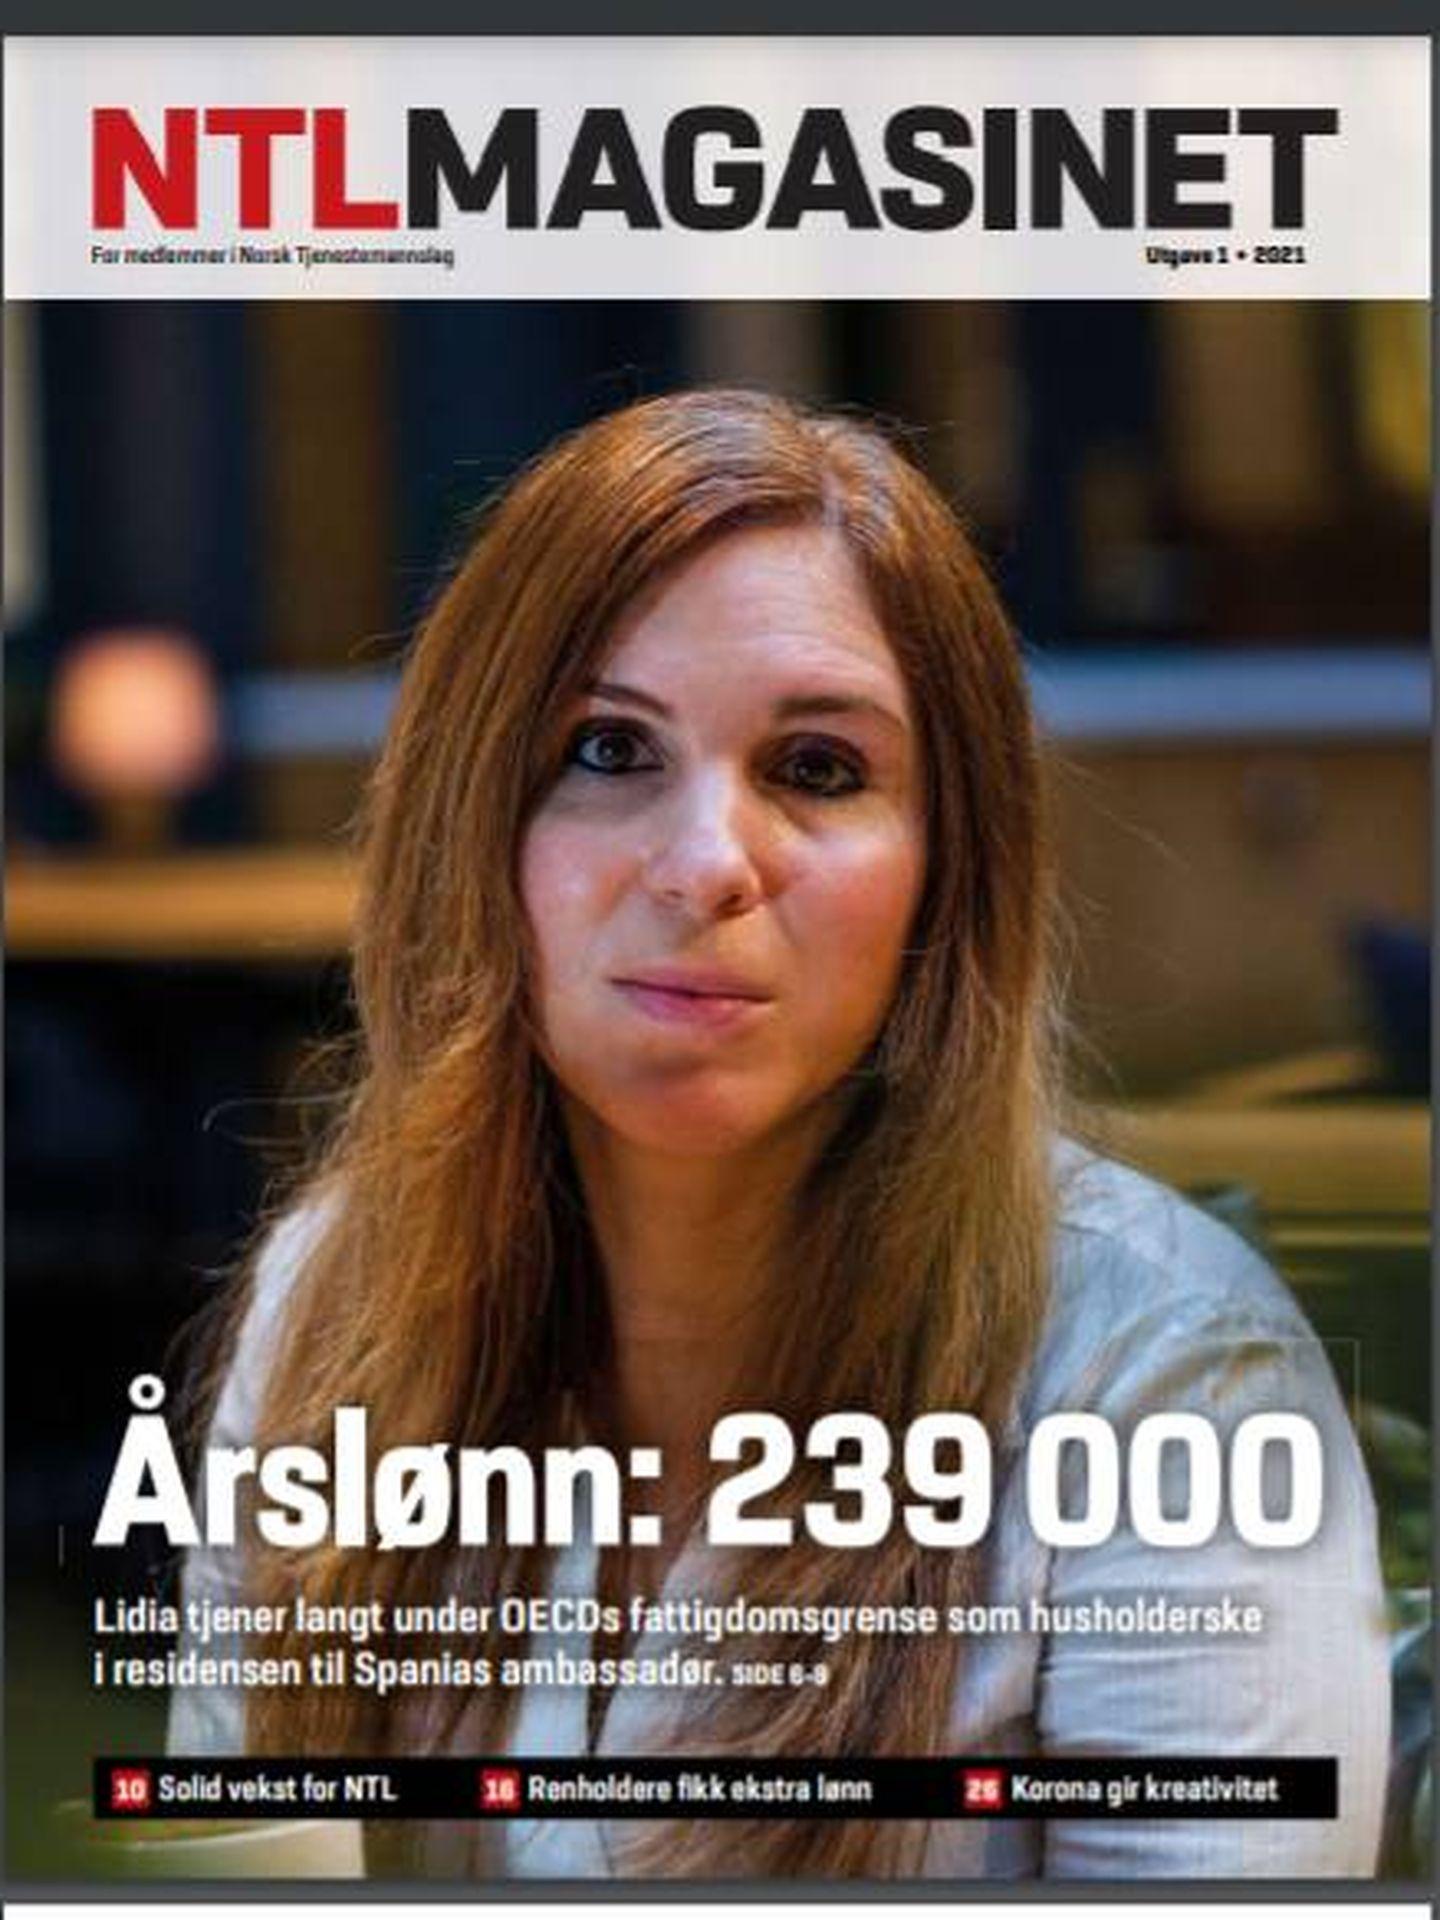 La portada de la revista con el reportaje sobre Lidia